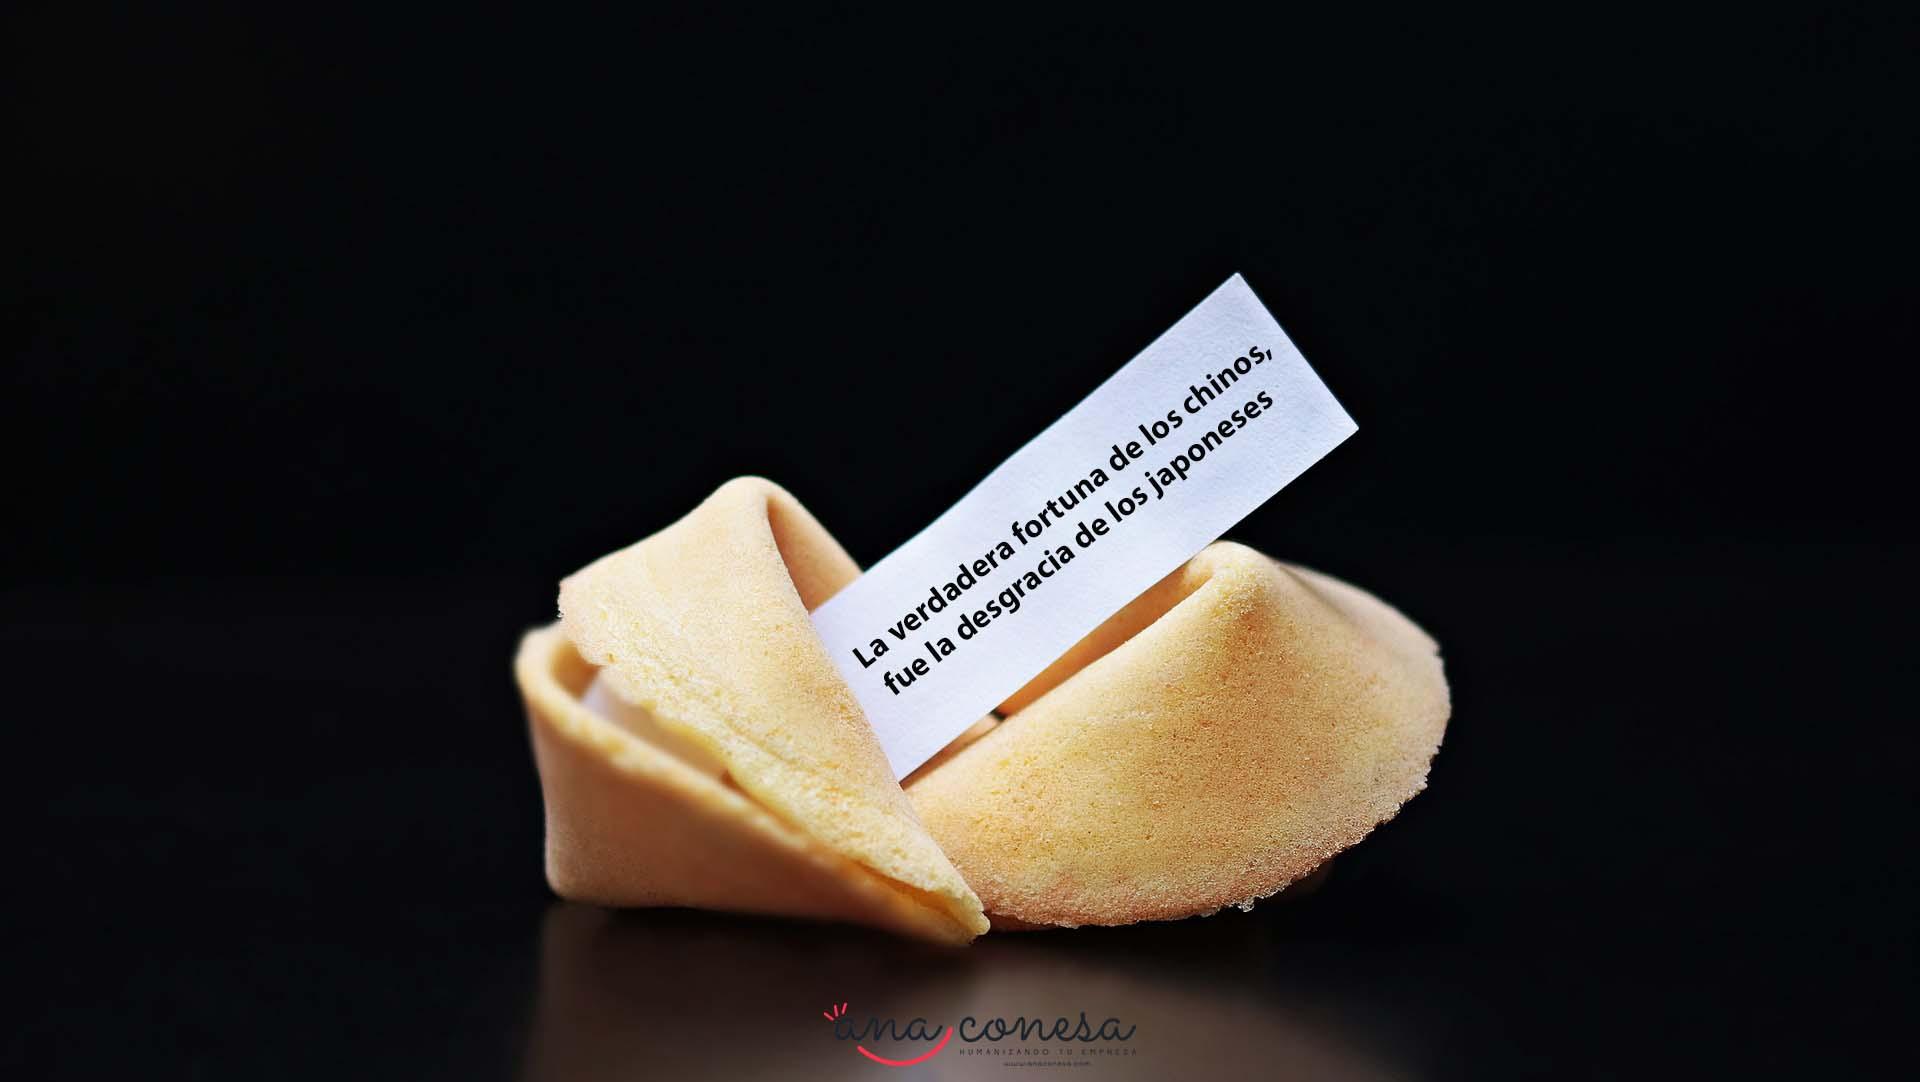 Los primero escritores de galletas de la fortuna fueron los japoneses